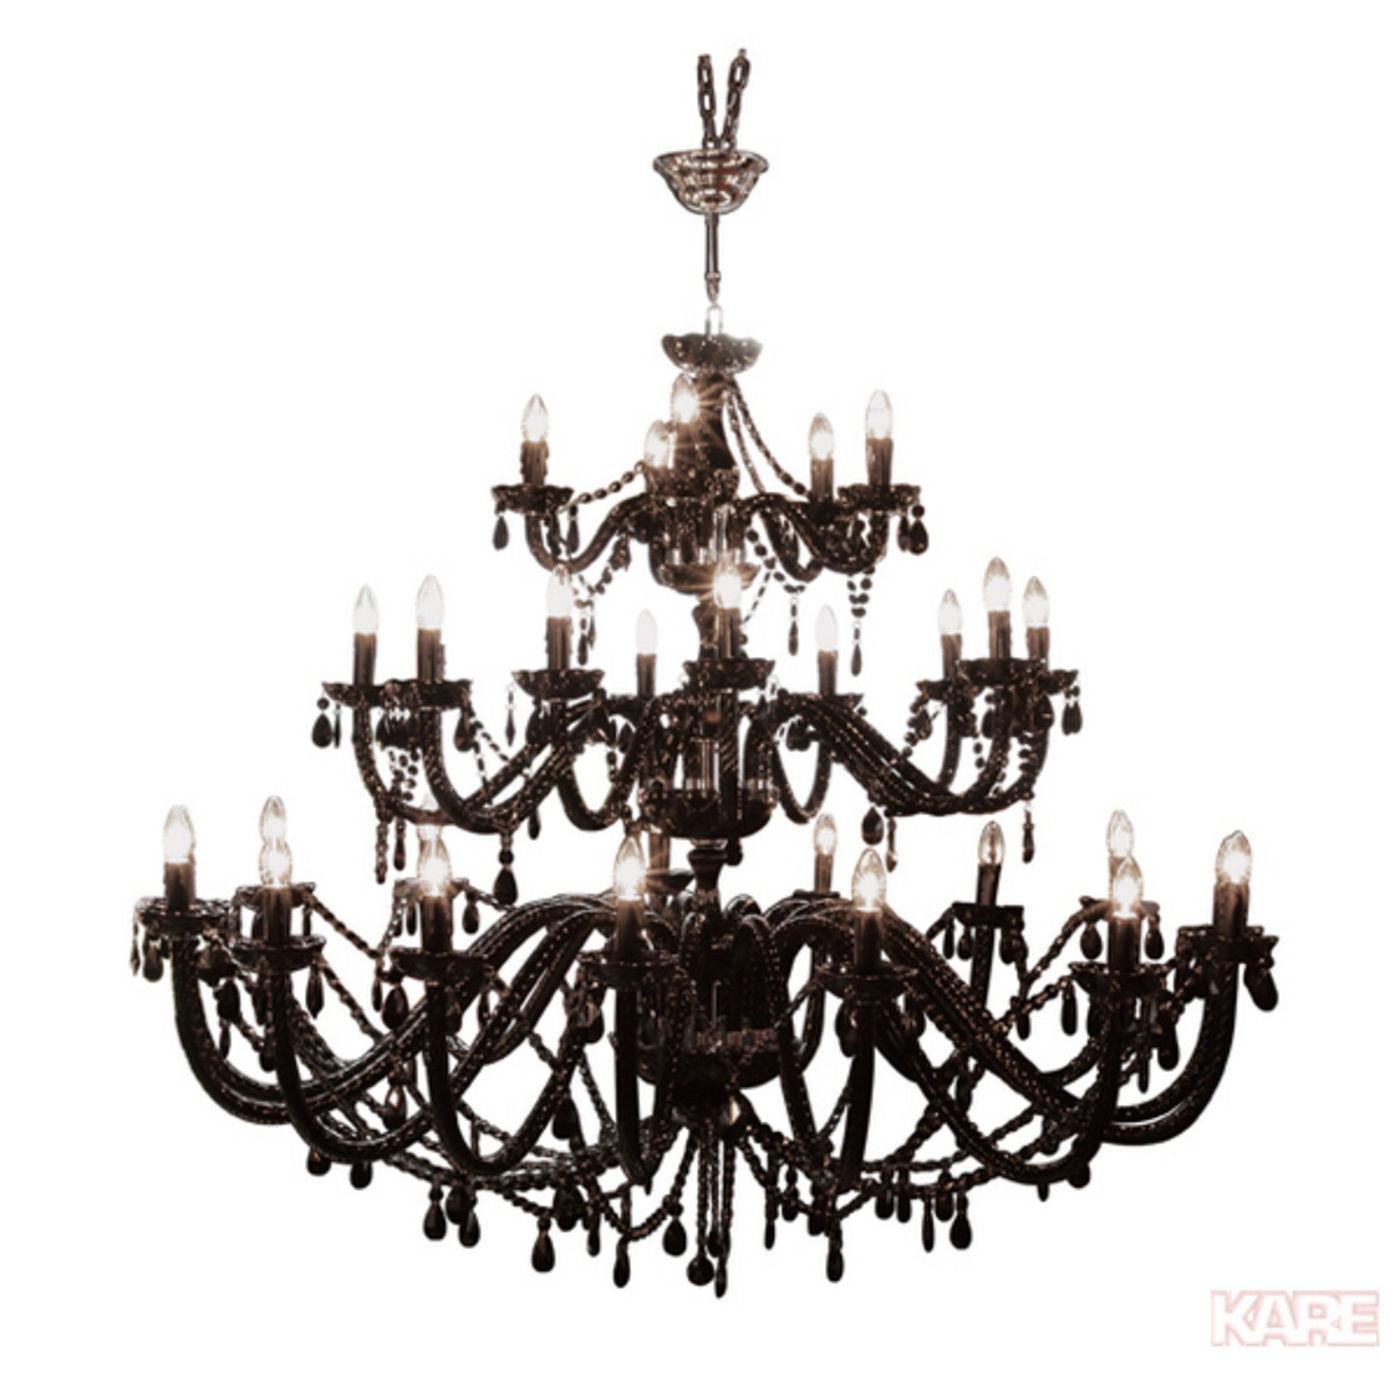 Billede af Kare Design Loftslampe, Gioiello Feudall